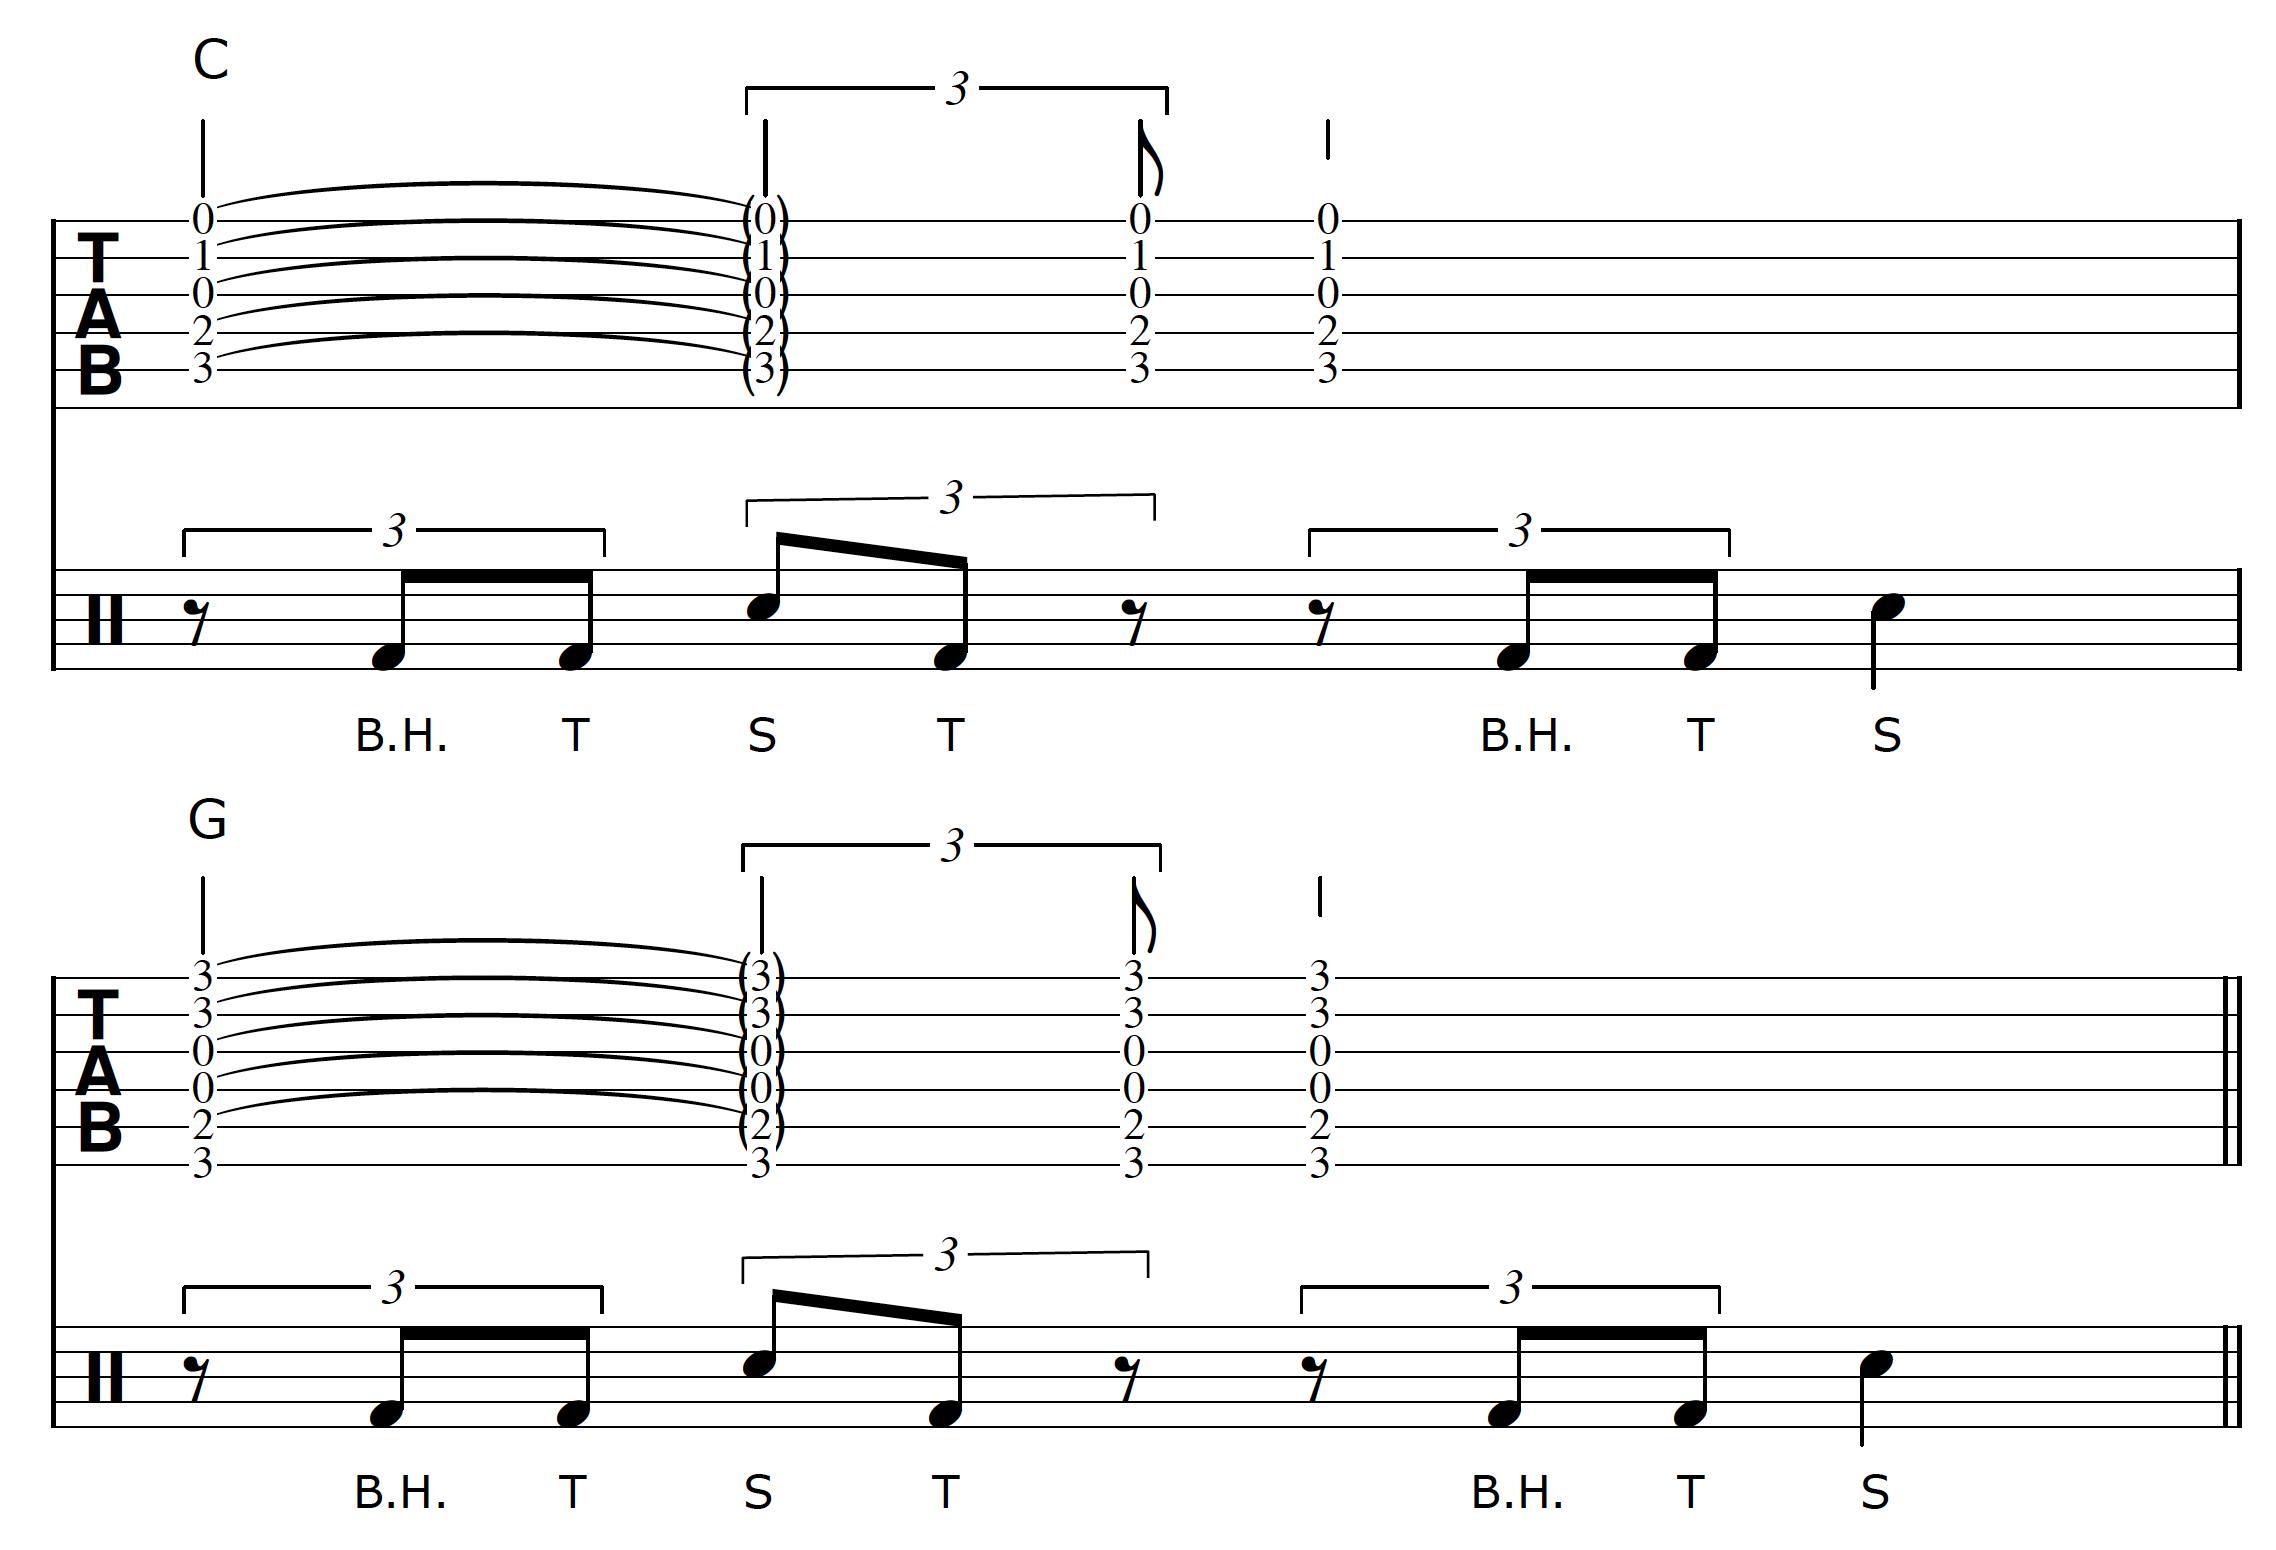 Percussive Guitar Progression 2